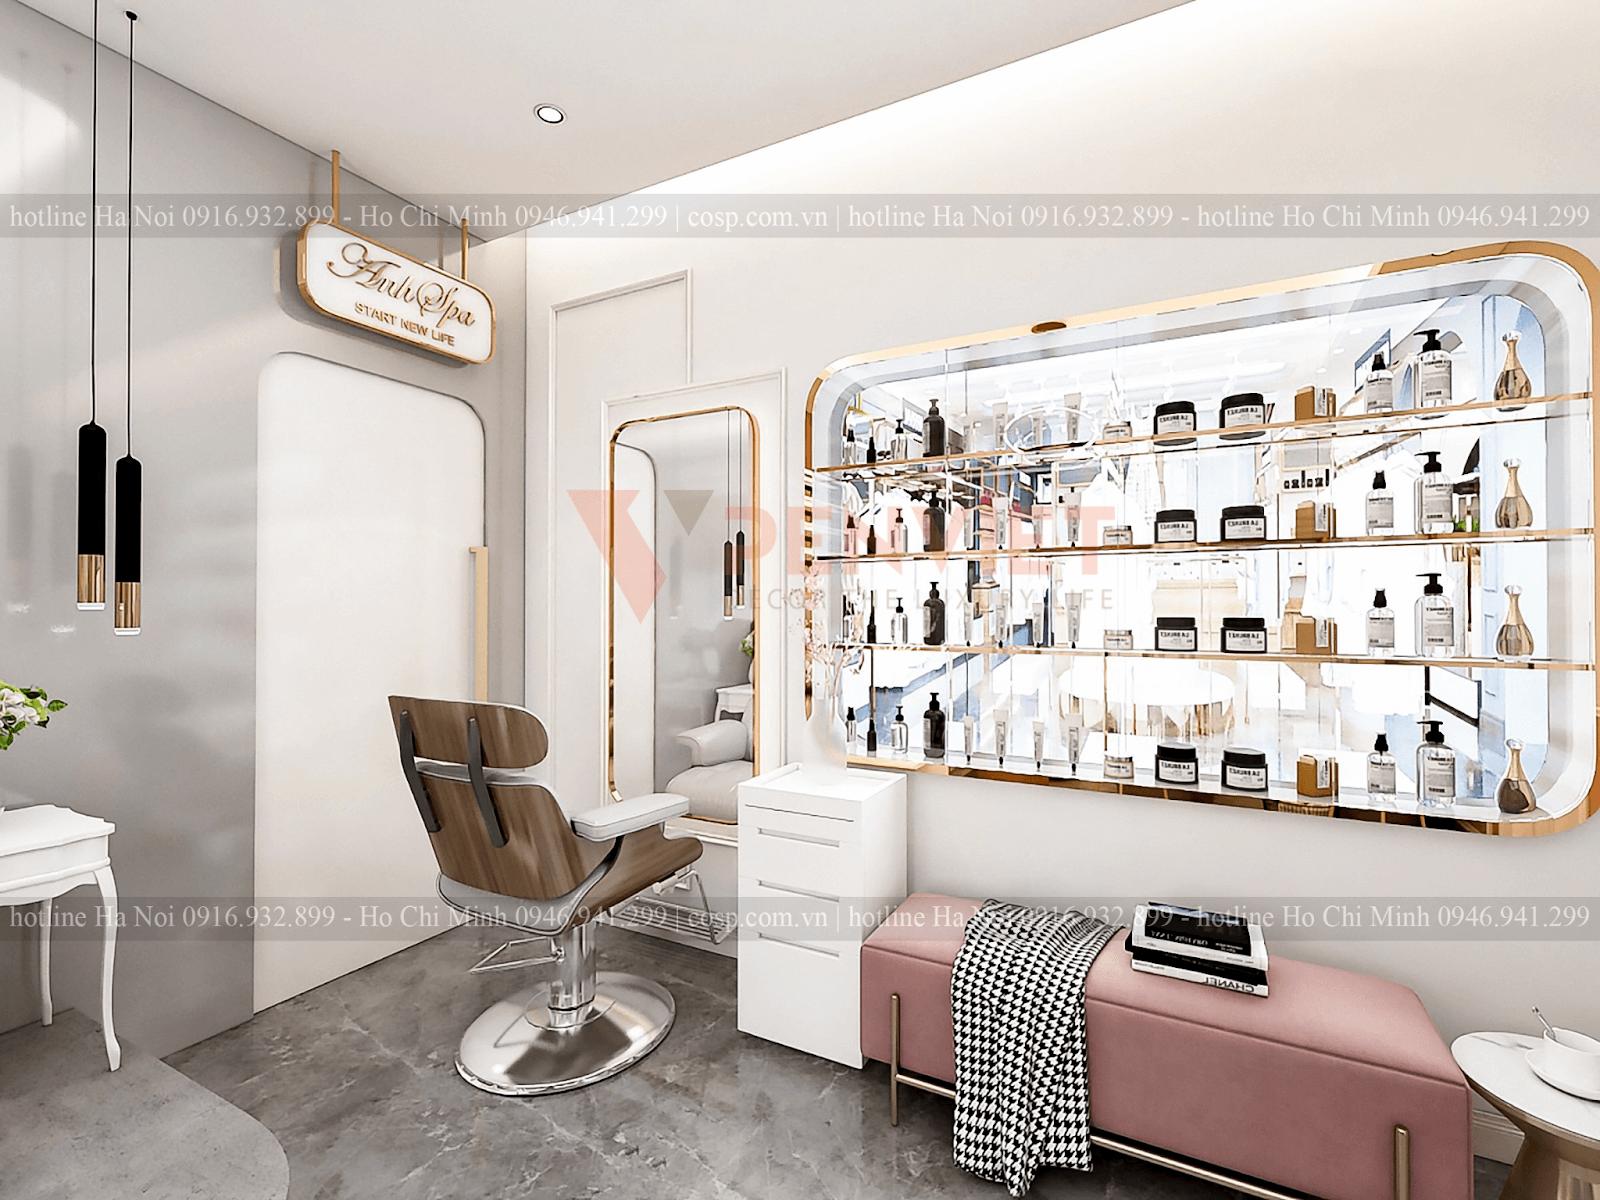 Khu vực sấy tóc và trưng bày sản phẩm của tiệm Anh Spa